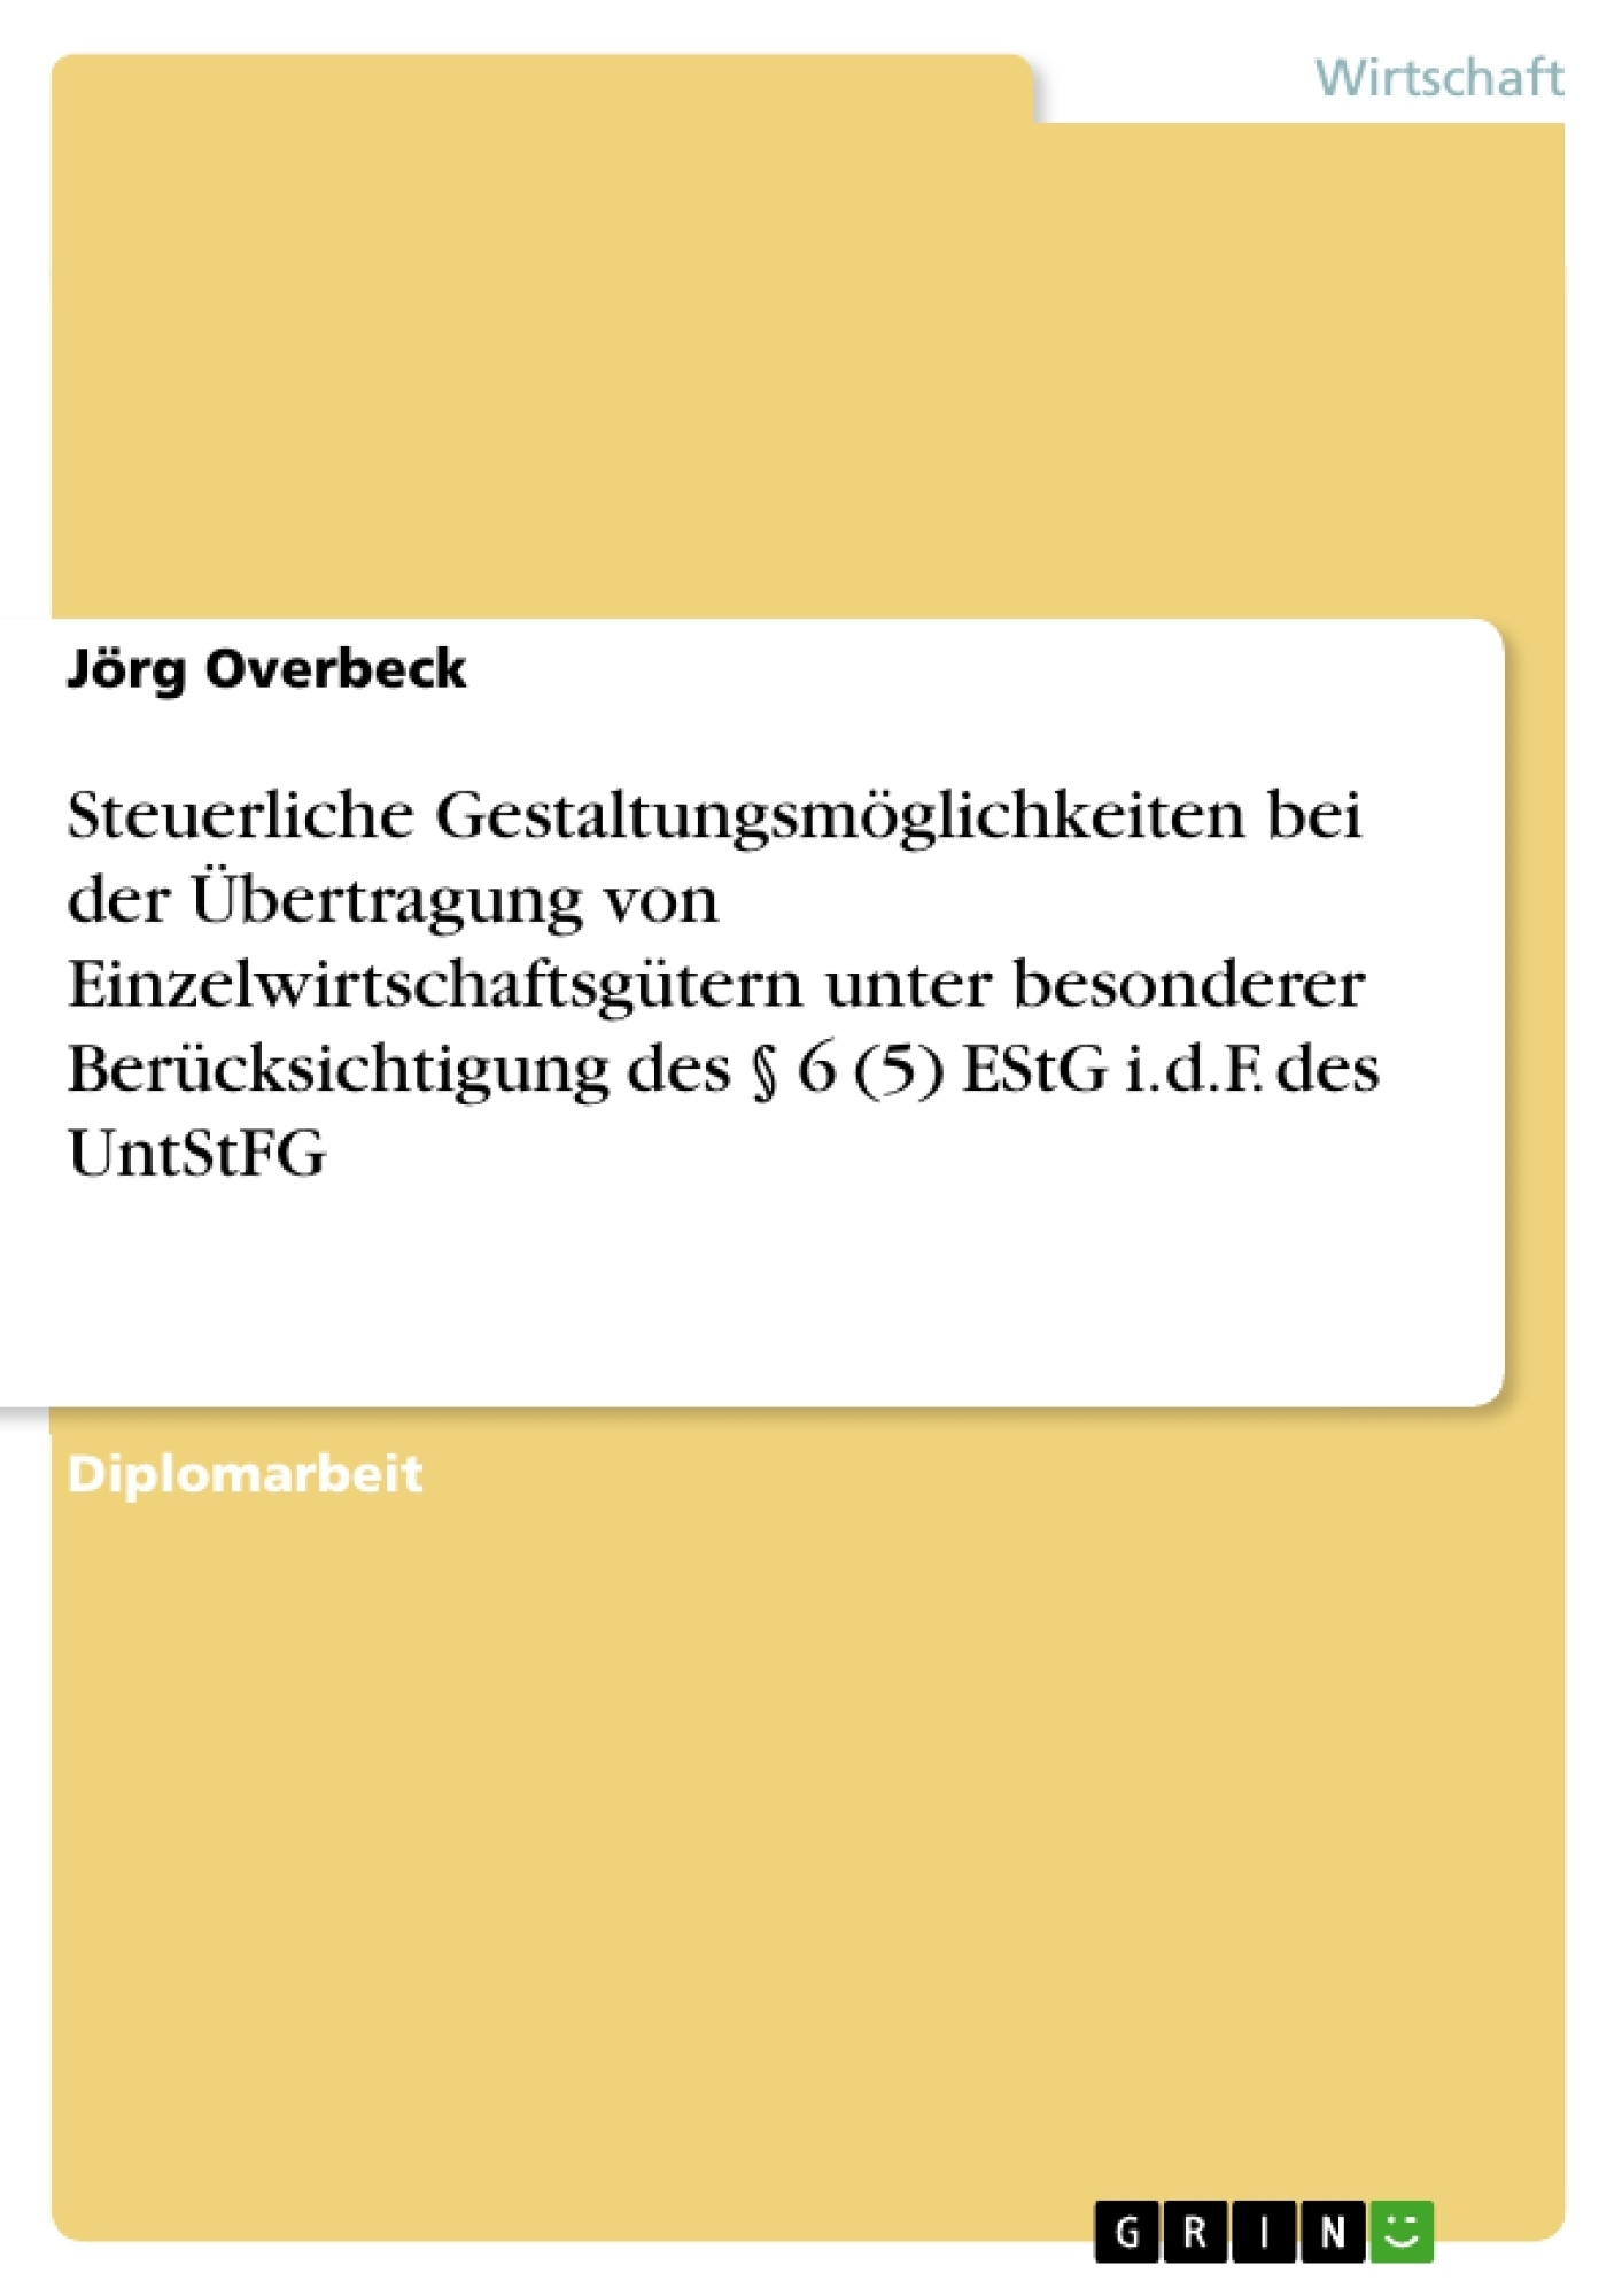 Titel: Steuerliche Gestaltungsmöglichkeiten bei der Übertragung von Einzelwirtschaftsgütern unter besonderer Berücksichtigung des  § 6 (5) EStG i.d.F. des UntStFG